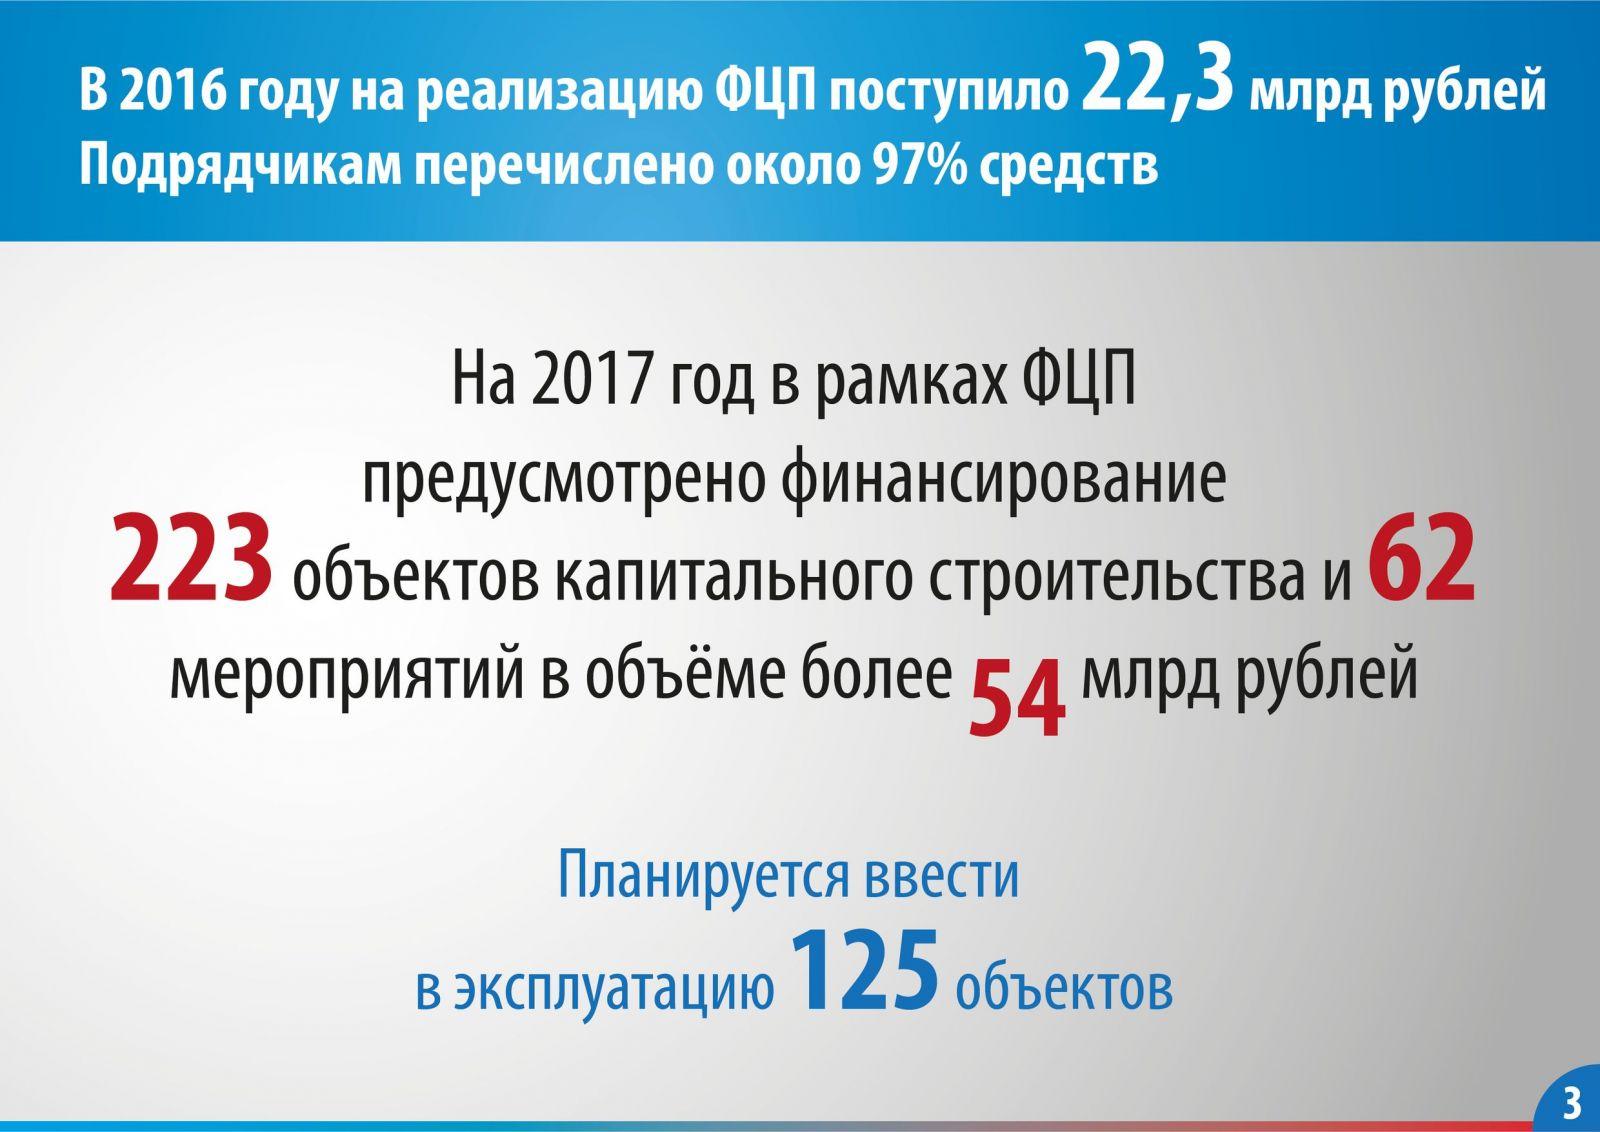 Сергей Аксенов: Крым приносит вдвое больше заработка, чем при Украине